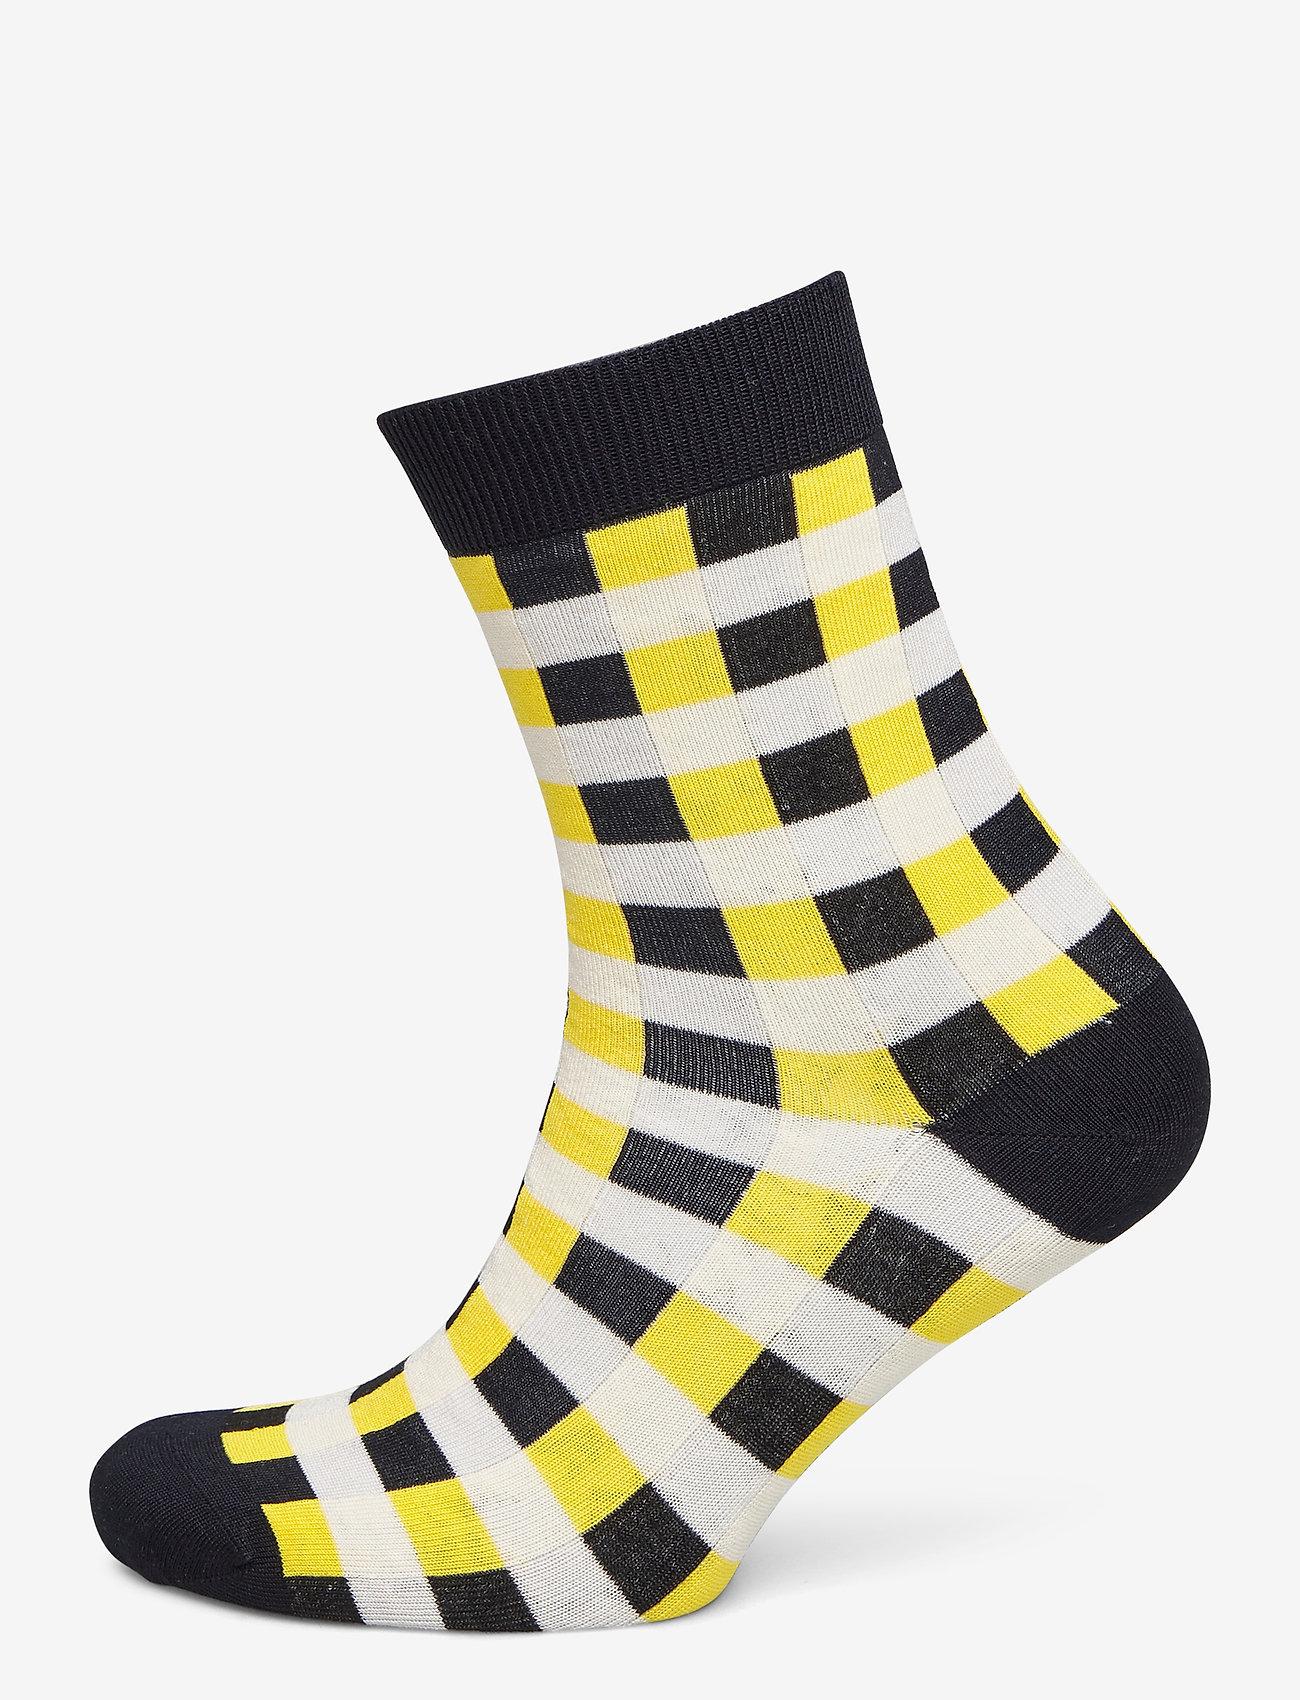 Baum und Pferdgarten - LAUREL - chaussettes - yellow black check - 0